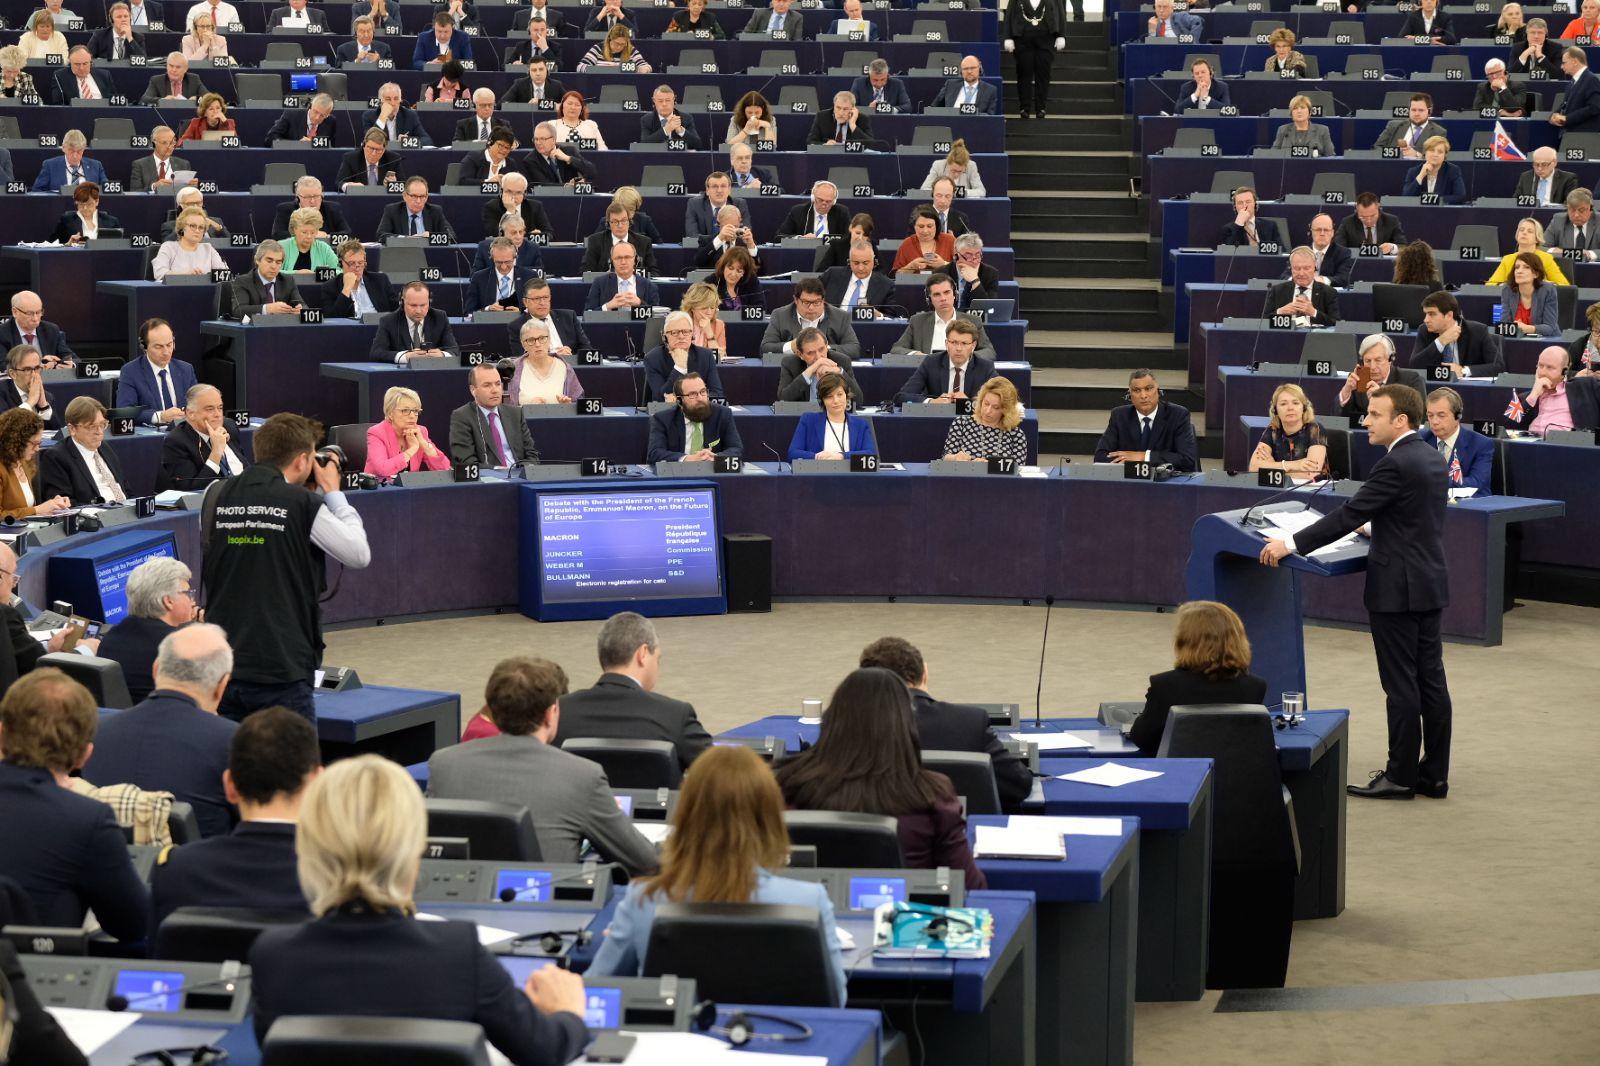 Rencontres parlementaires sur l avenir de l europe Annonces contacts zafra